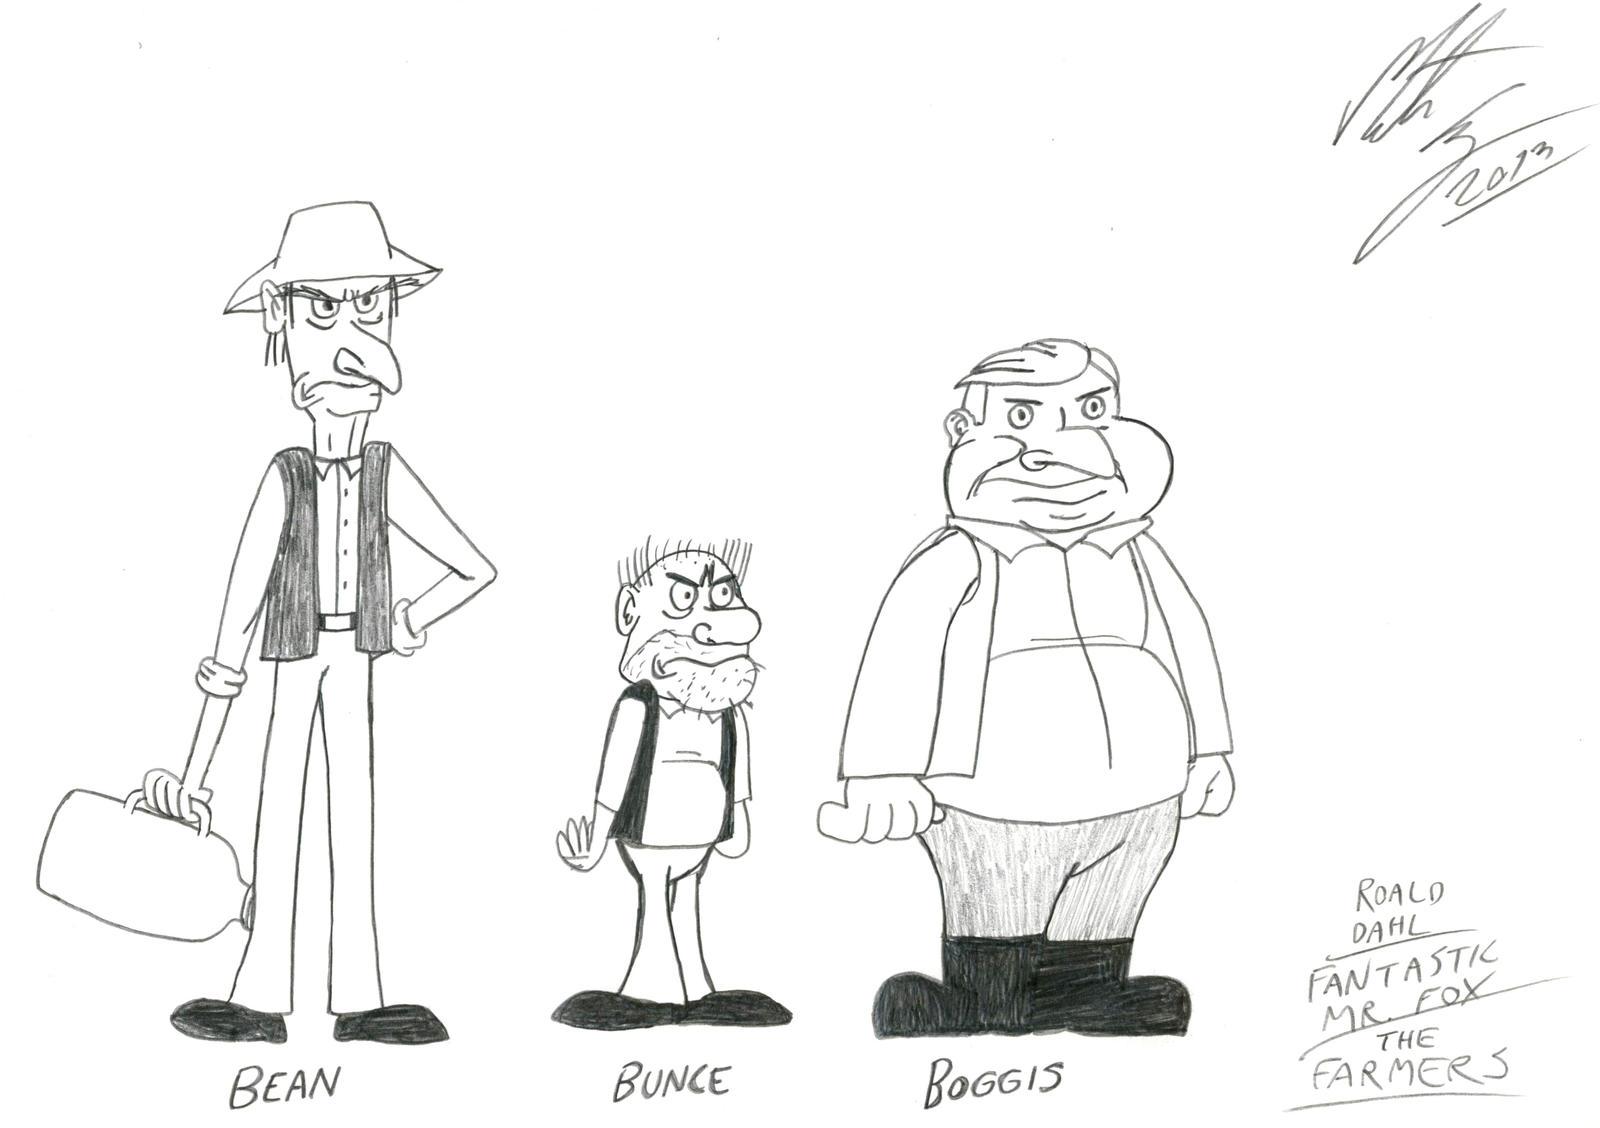 Roald Dahl Boggis Bunce And Bean By Morteneng21 On Deviantart